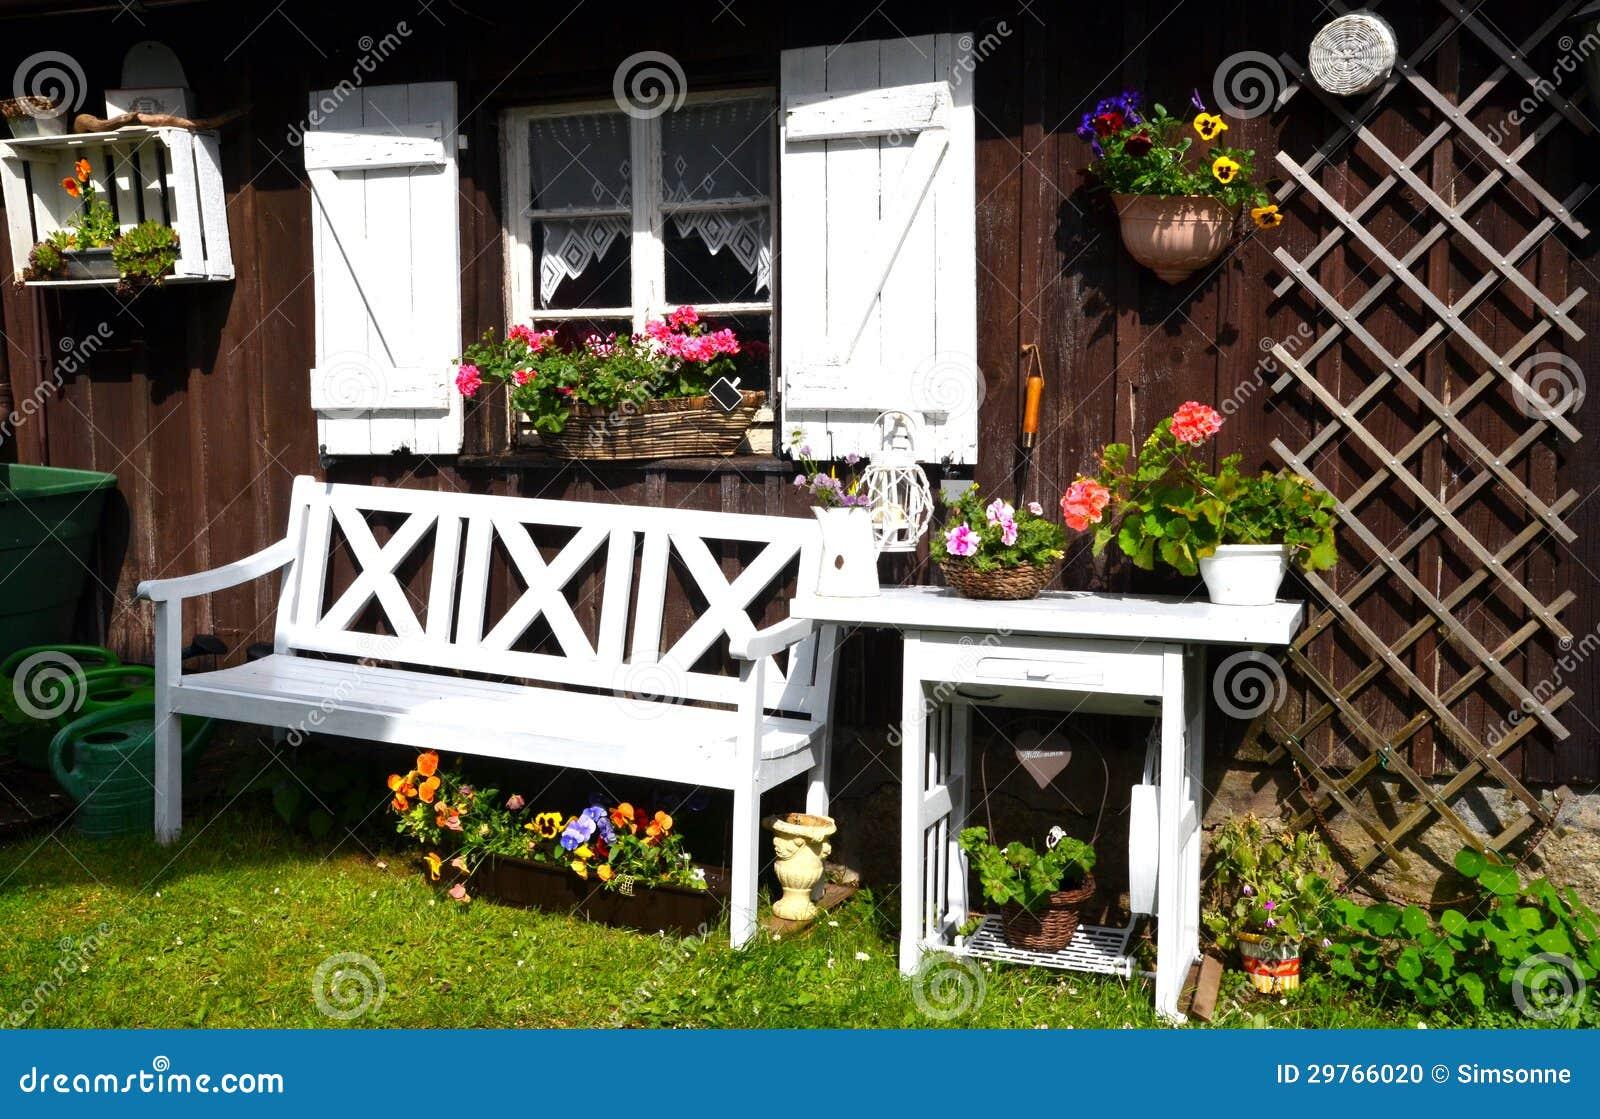 flores para jardim verao:Casa De Campo Do Jardim No Verão Foto de Stock – Imagem: 29766020